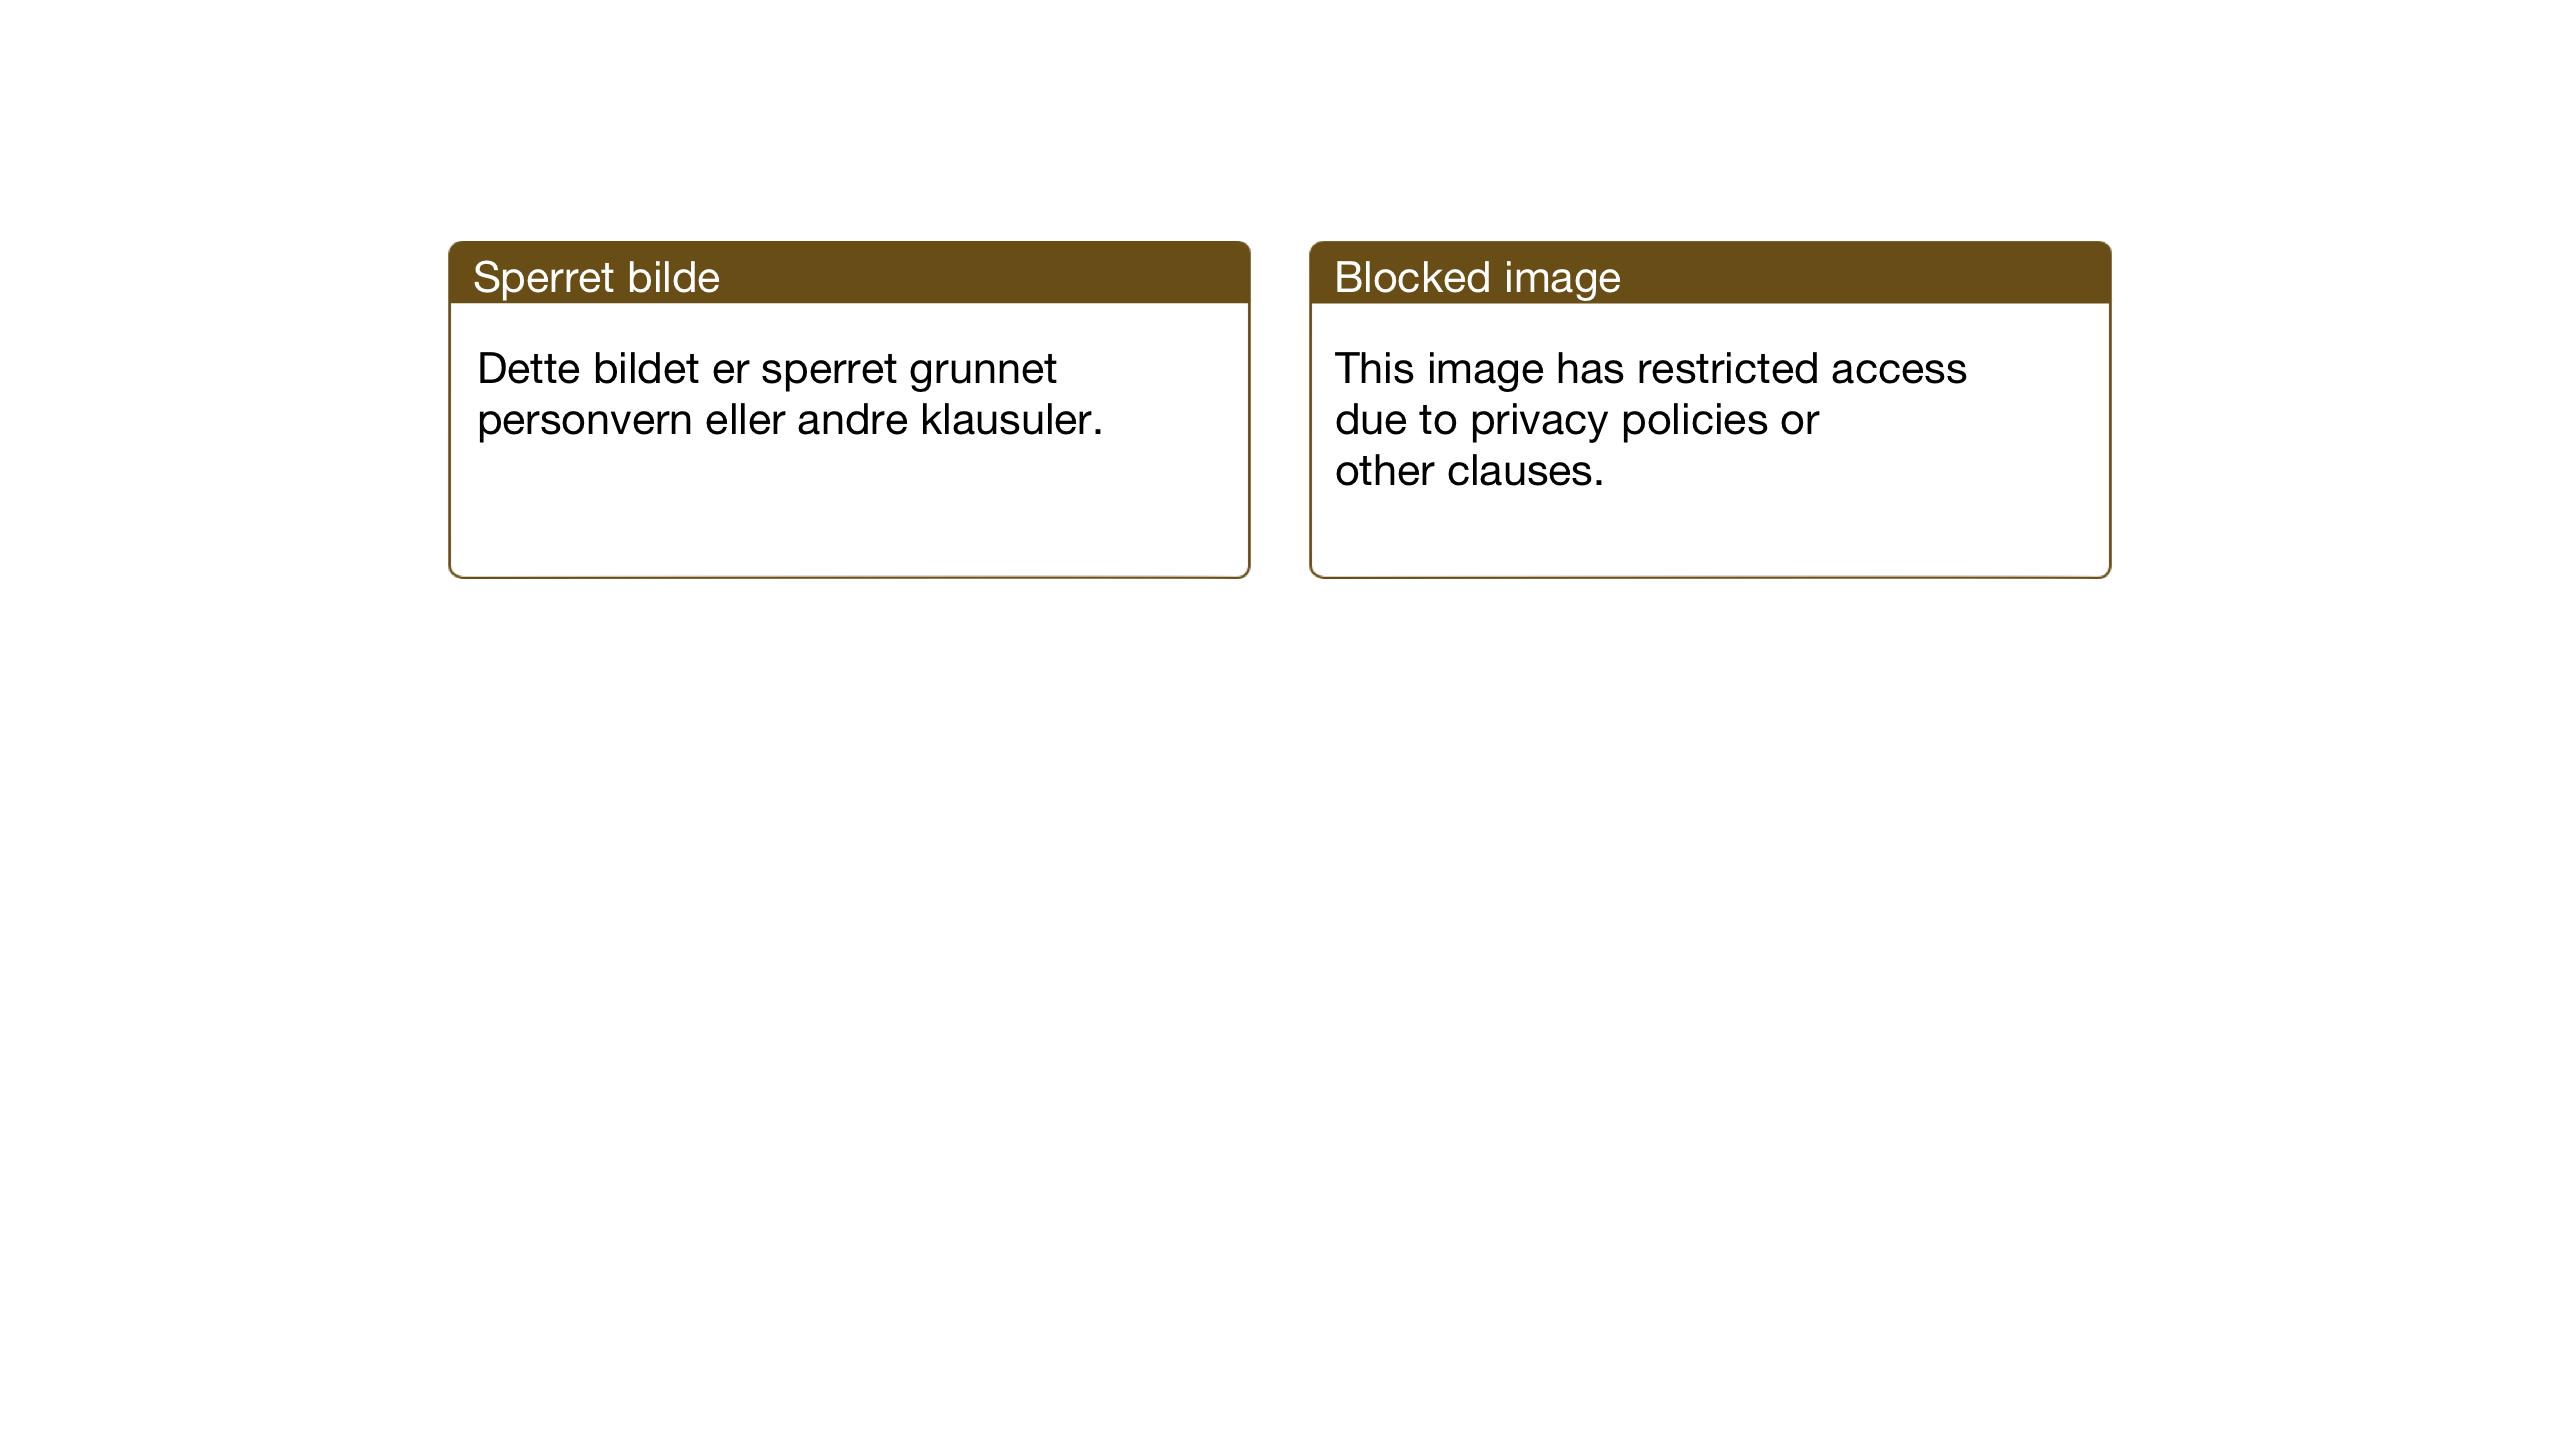 SAT, Ministerialprotokoller, klokkerbøker og fødselsregistre - Sør-Trøndelag, 686/L0986: Klokkerbok nr. 686C02, 1933-1950, s. 100